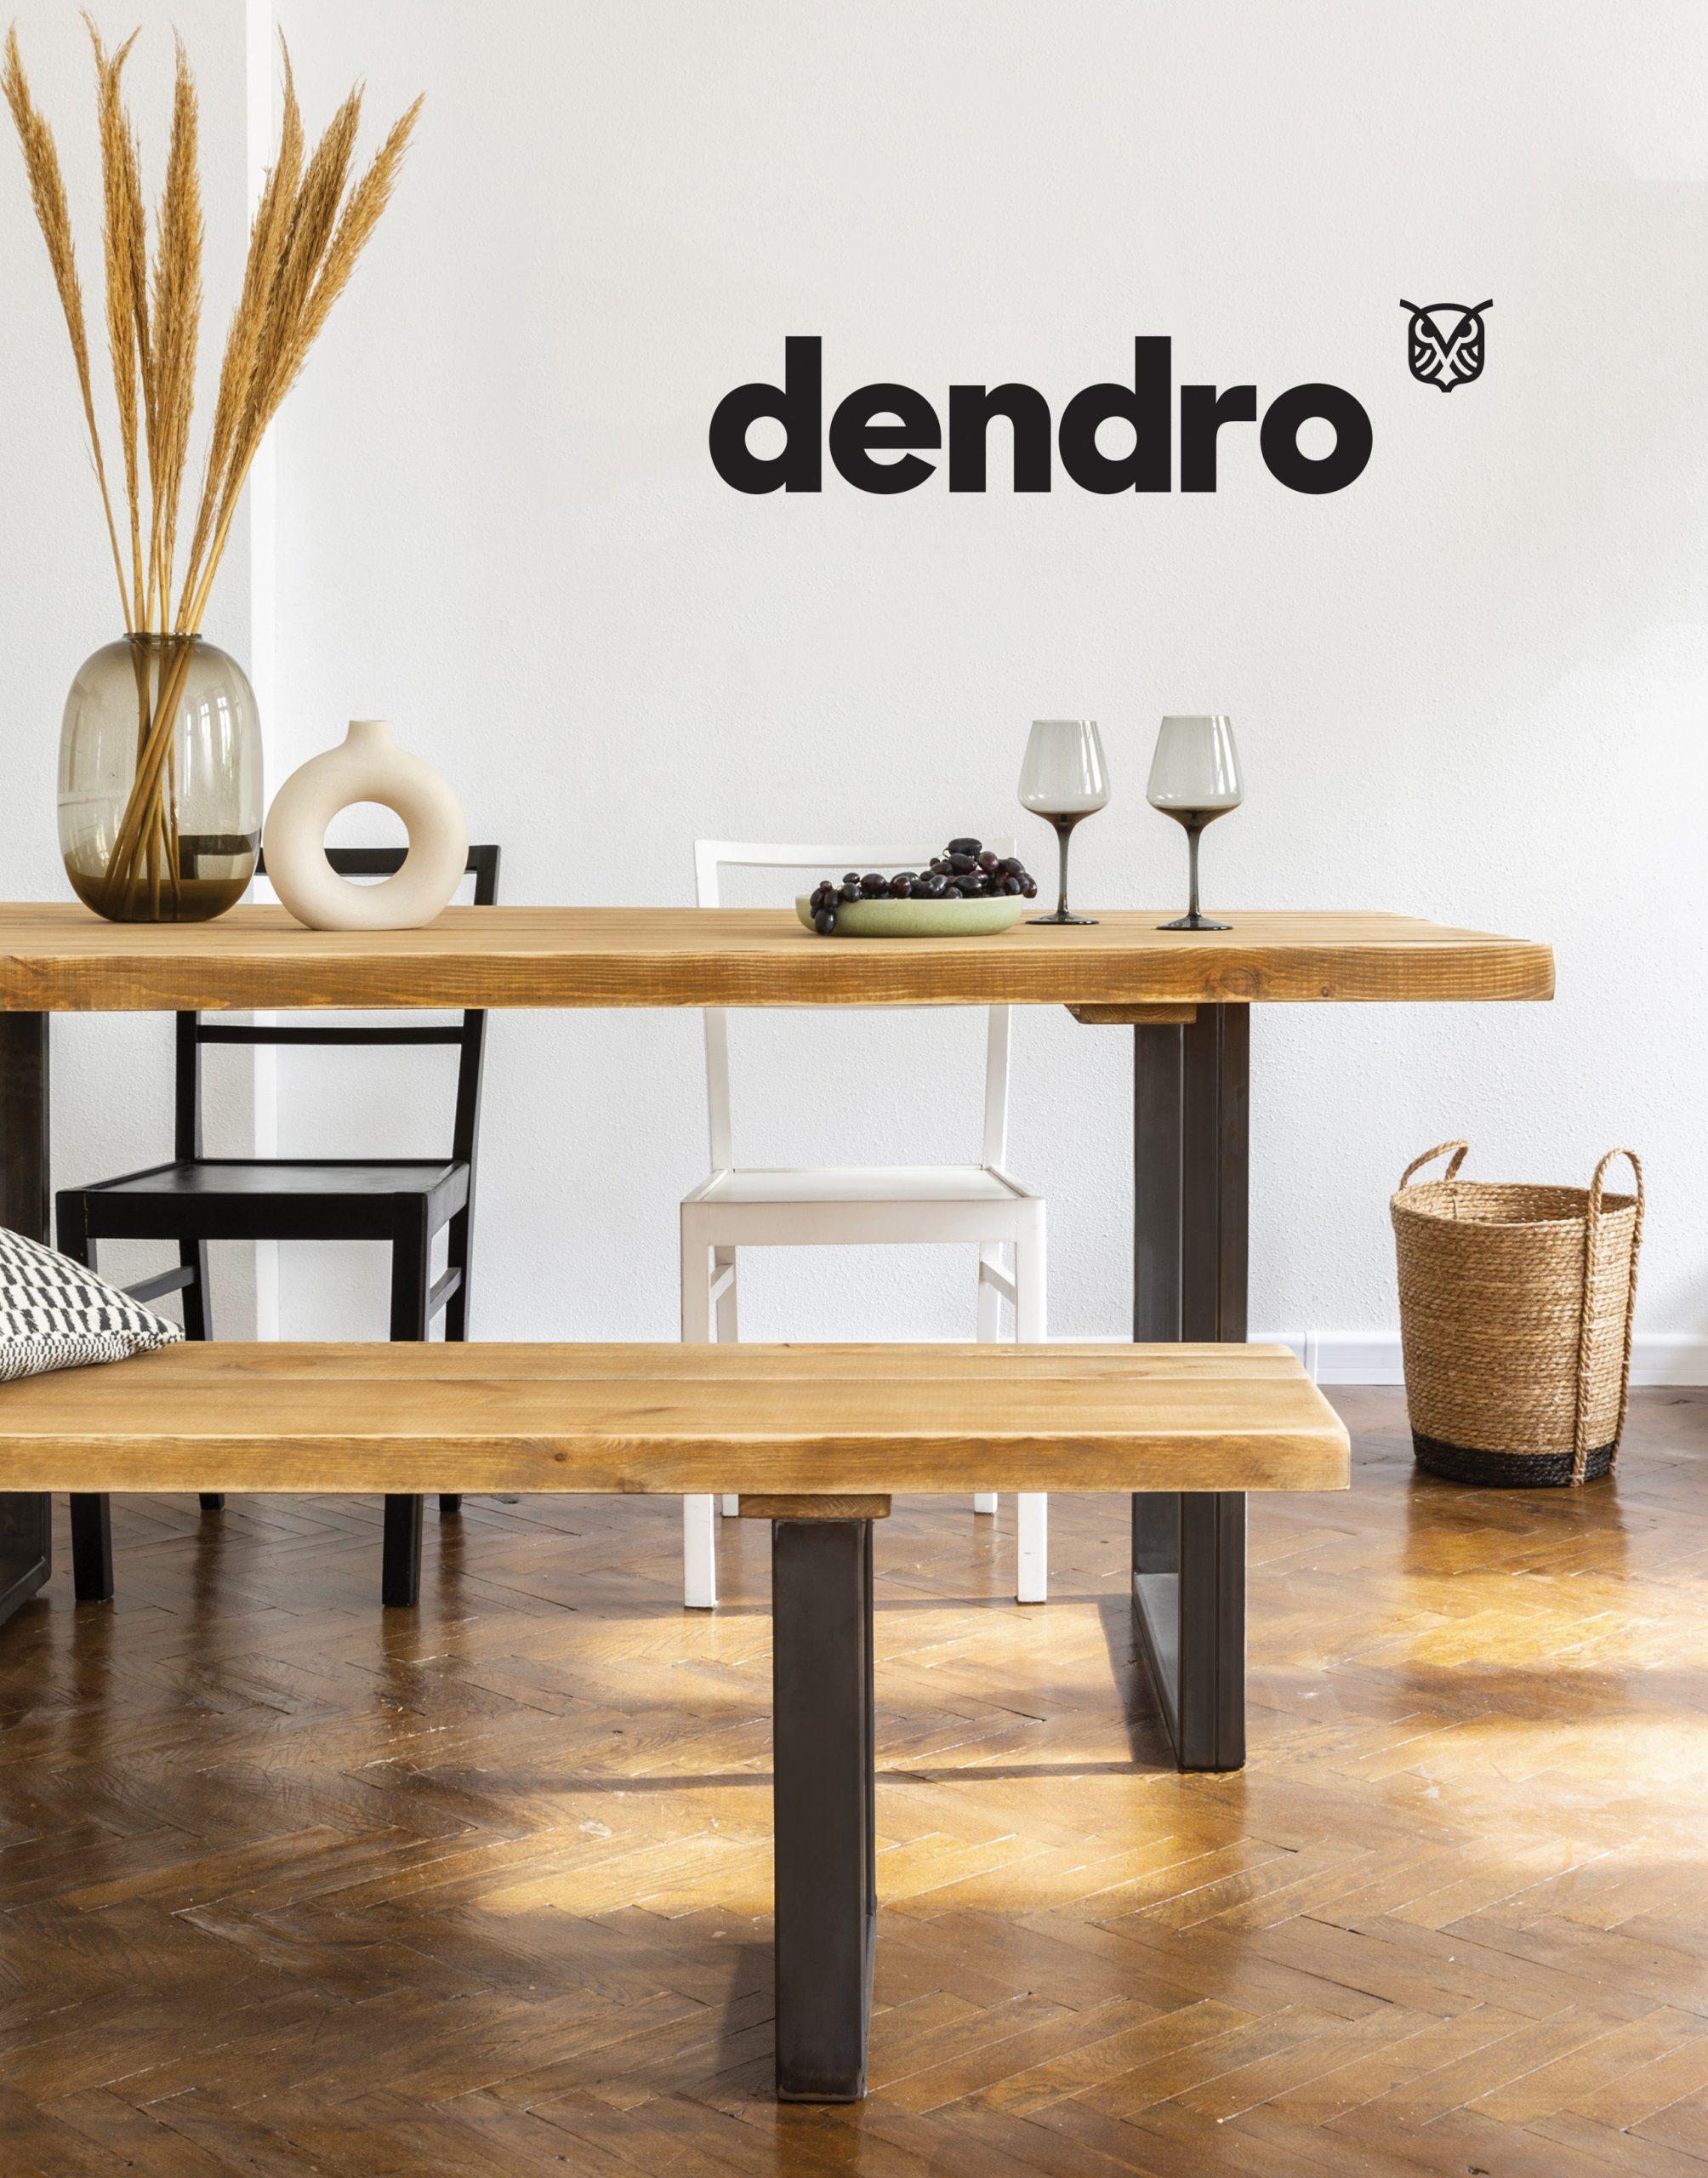 Dendro, des meubles éthiques pour une déco plus durable